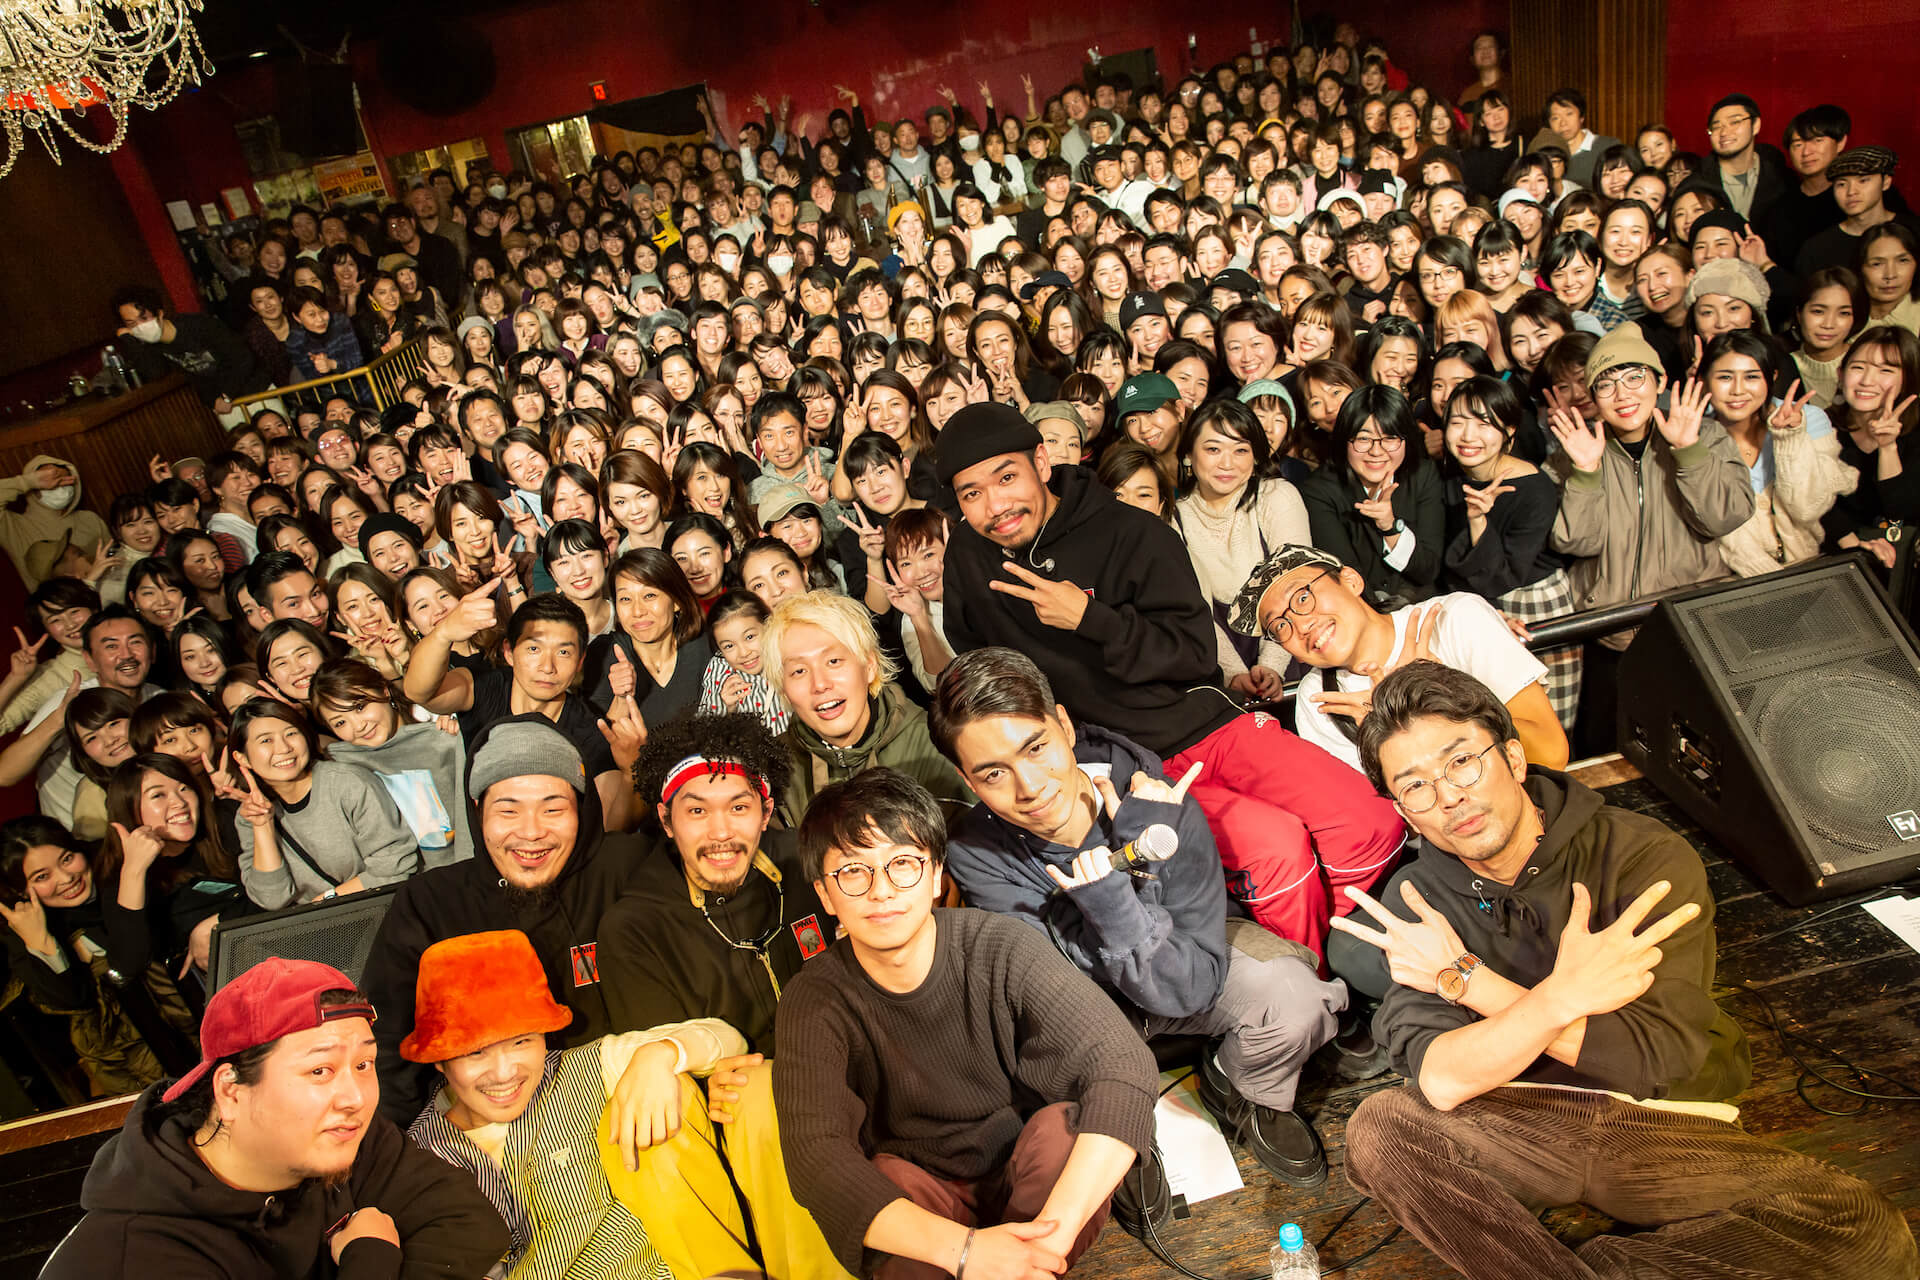 SIRUP擁する次世代アートコレクティブ・Soulflex、初のワンマンライブで地元大阪を魅了|ビルボードライブでのShin Sakiuraとのツーマンライブも発表 music_191220_soulflex11